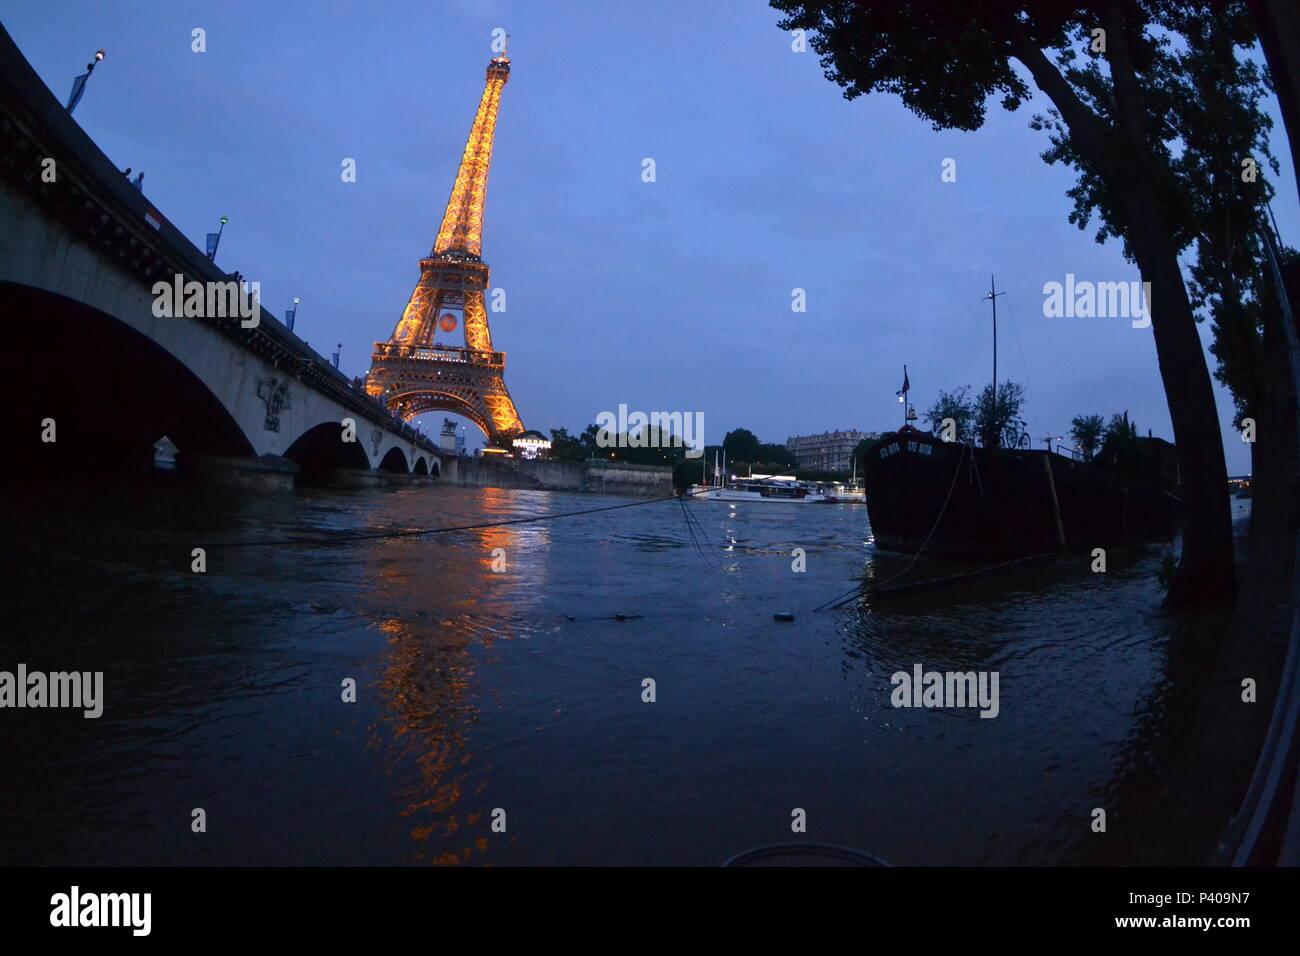 Les grandes crus à Paris - Les quais de Seine ne sont plus accessibles : l'eau est montée. Du Trocadéro à Bercy, en passant par la bibliothèque François Mitterrand, des quais Mauriac à l'Ile Saint Louis, un paysage jamais vu en février 2018 et 2016 Stock Photo